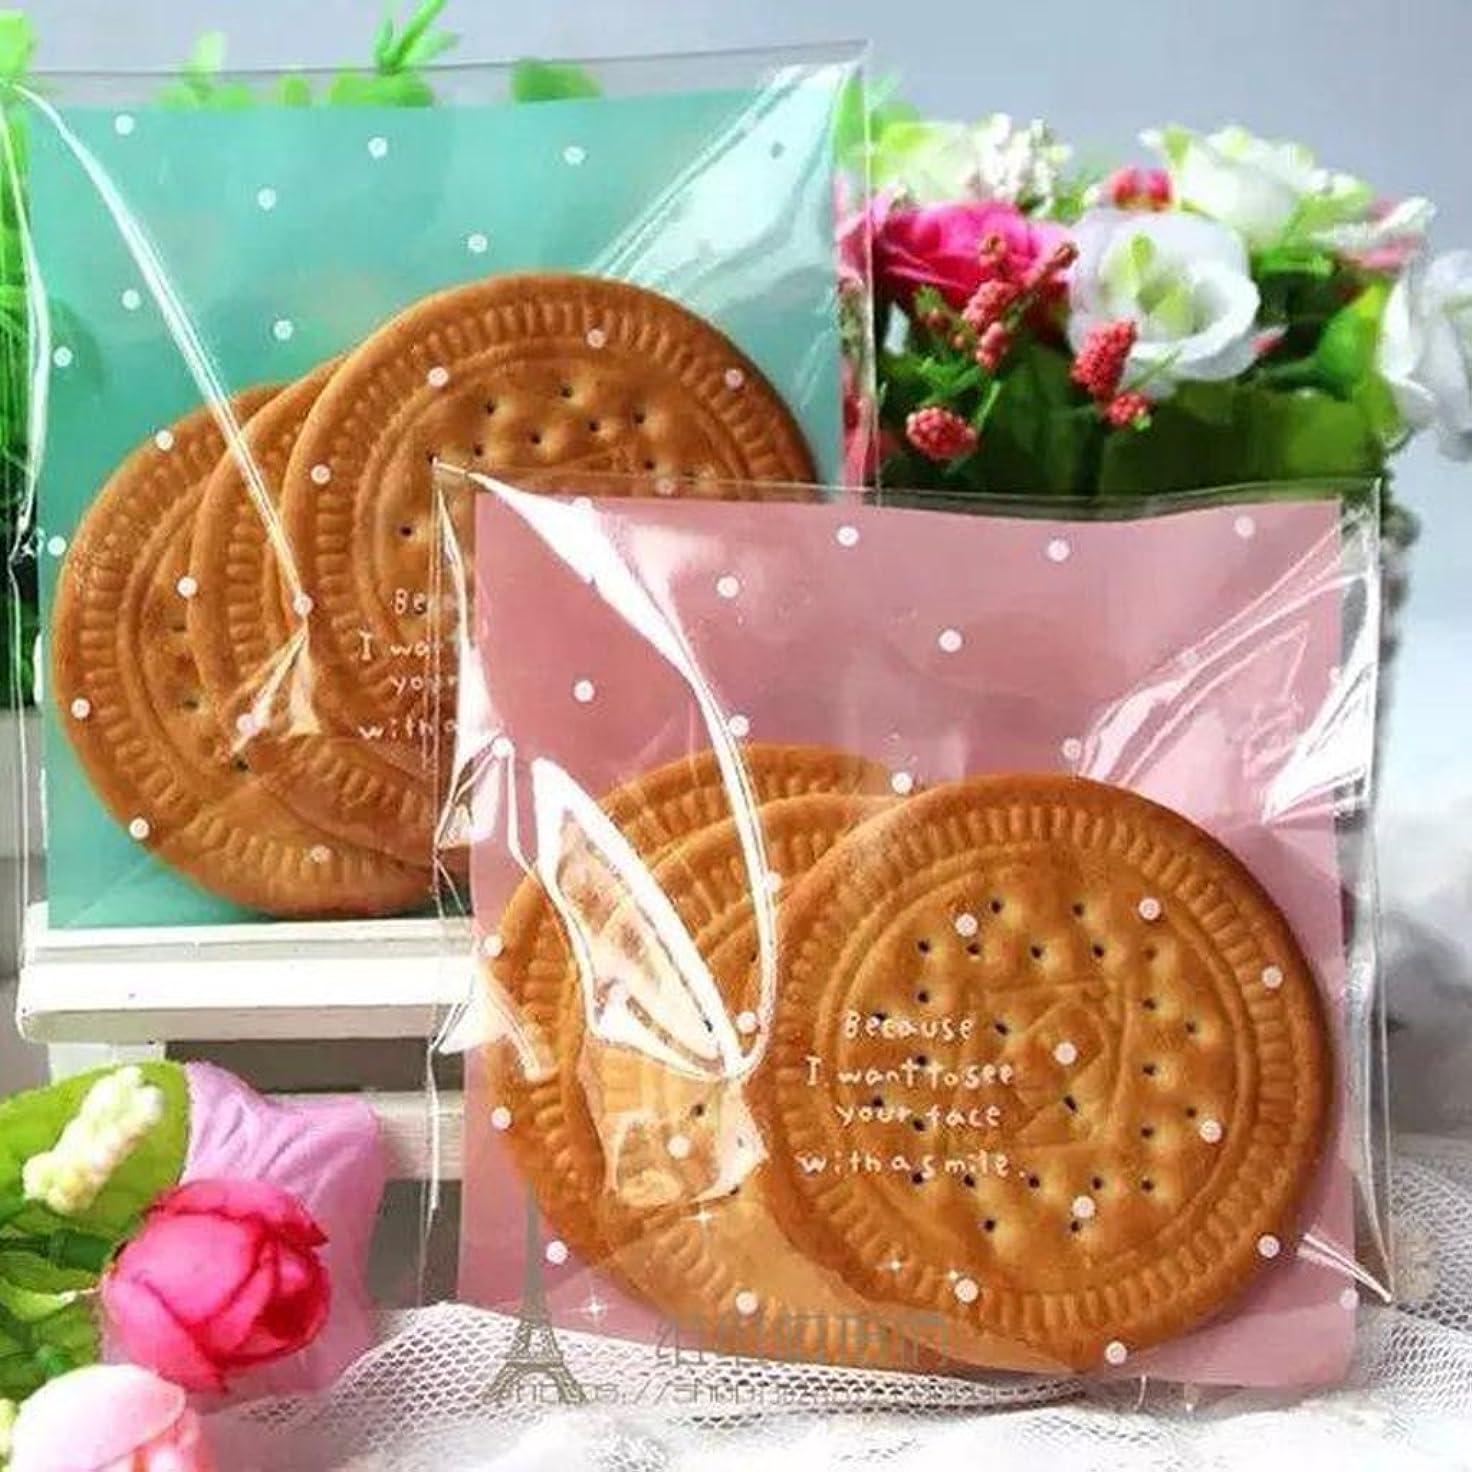 黒十分な昇進ノーブランド品 約100枚 自己接着性 クッキー ビスケット キャンディー ラップ 小袋